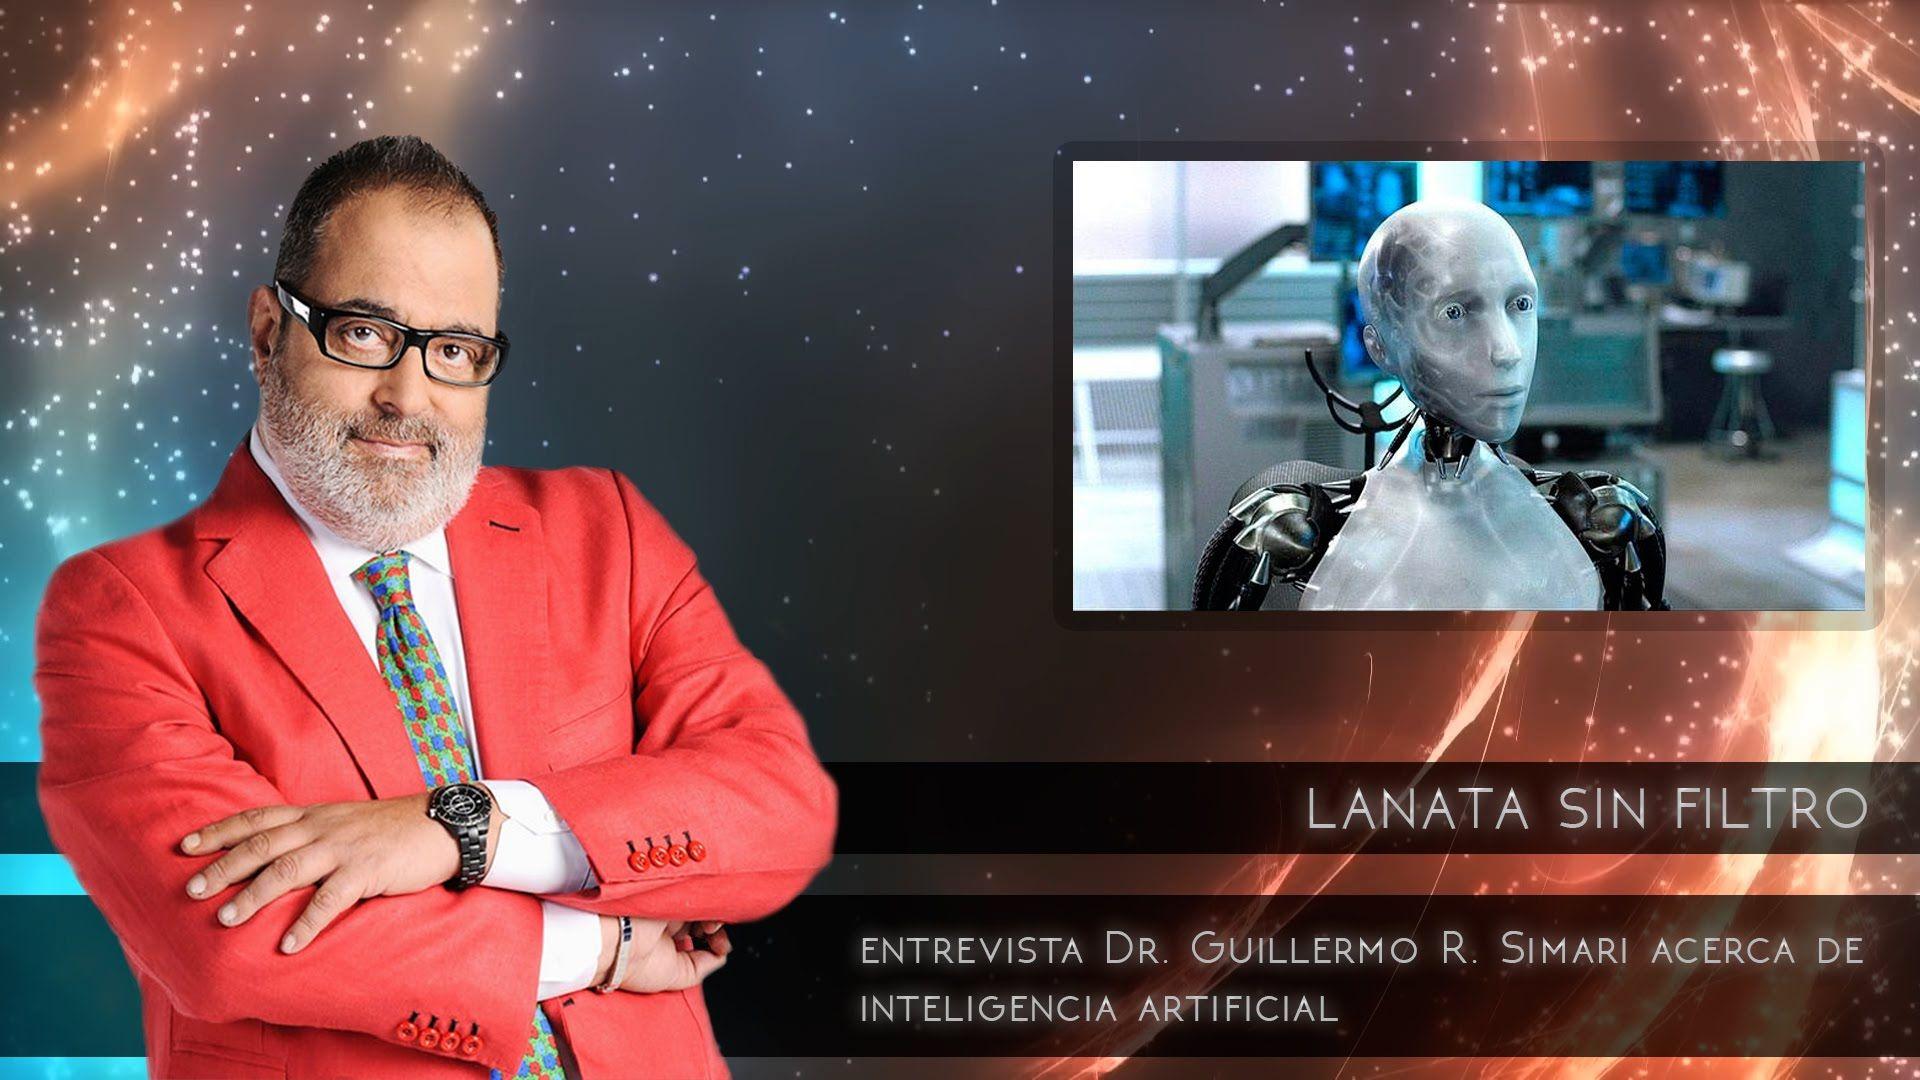 LANATA SIN FILTRO:Entrevista al Dr. Guillermo Simari acerca de Inteligen...